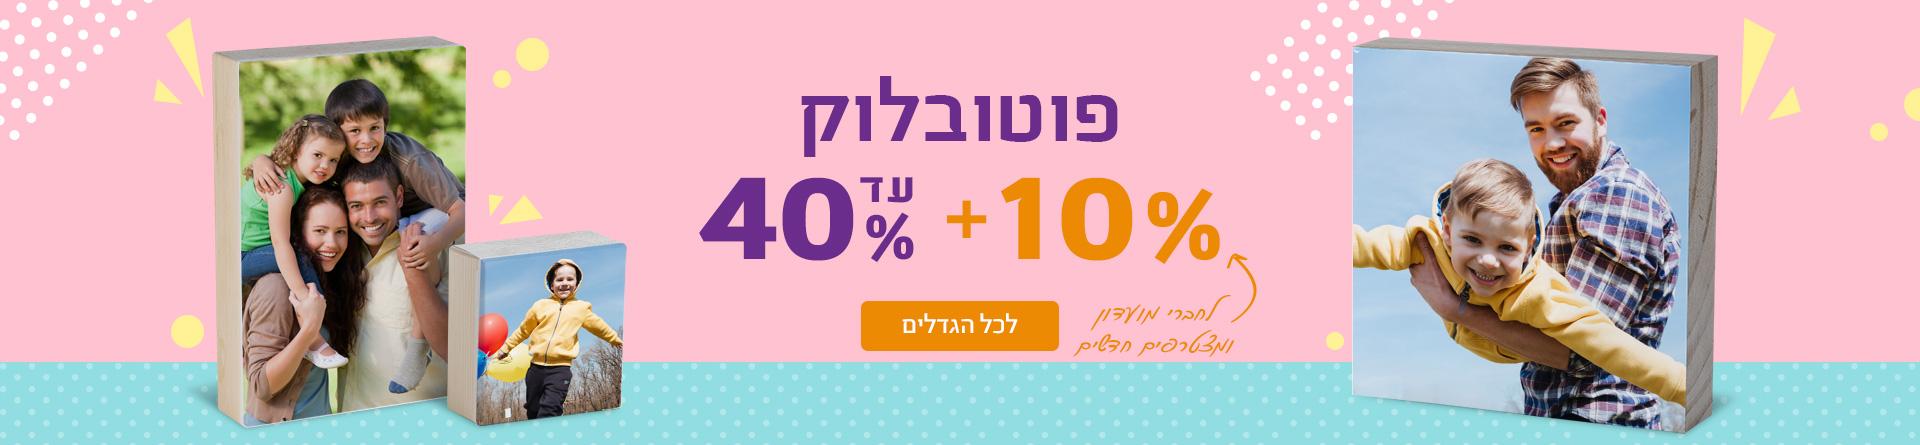 פוטובלוק עד 40% הנחה+10% לחברי מועדון- יוני